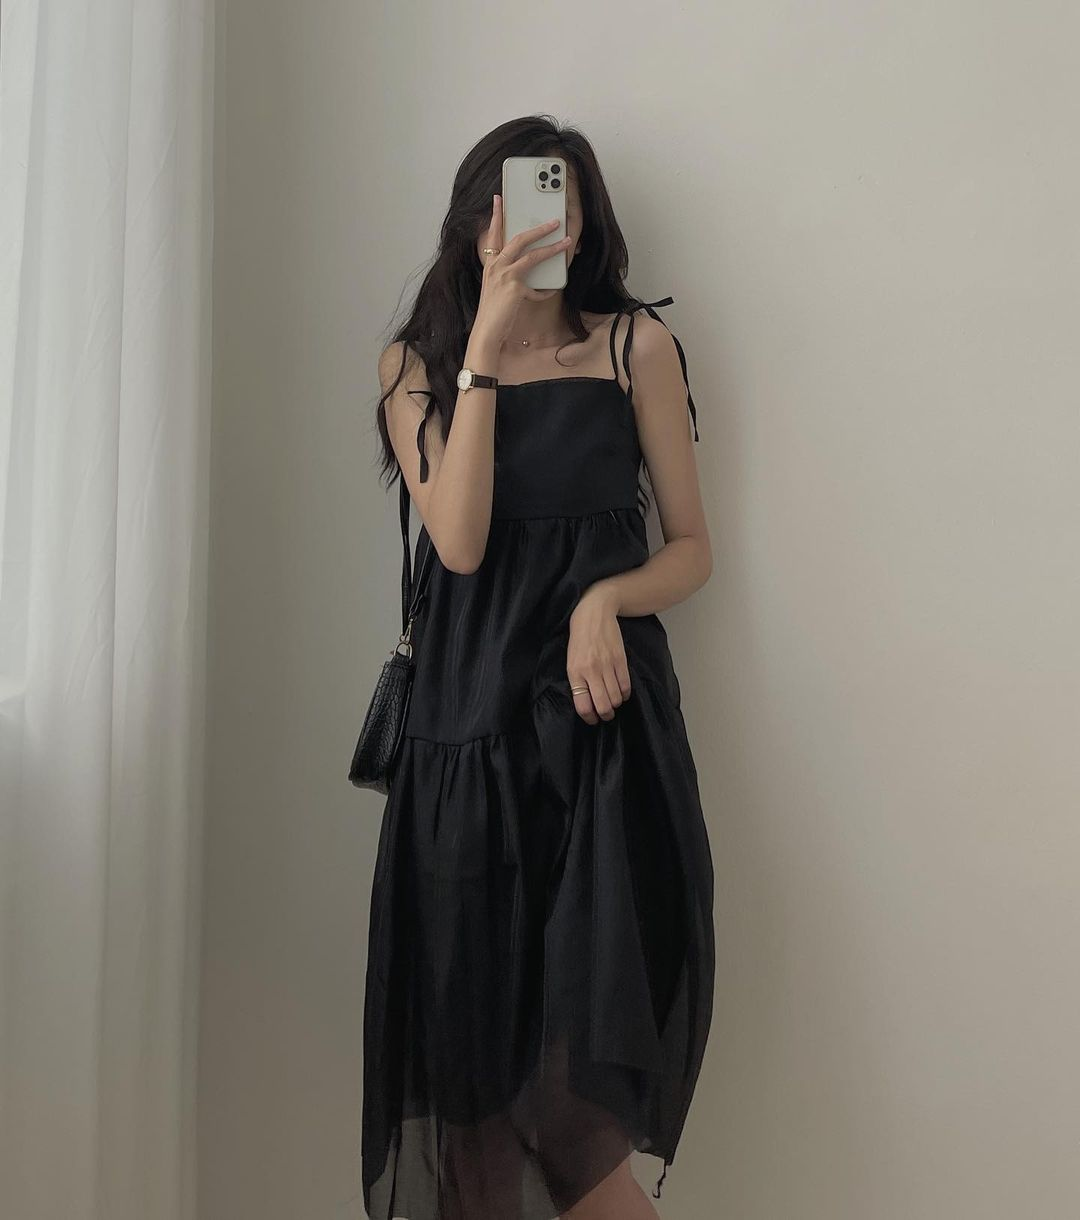 """Các shop đã về bao nhiêu váy hai dây xinh quá trời quá đất, giá chỉ từ 200k mà """"chuẩn đét"""" - Ảnh 2."""